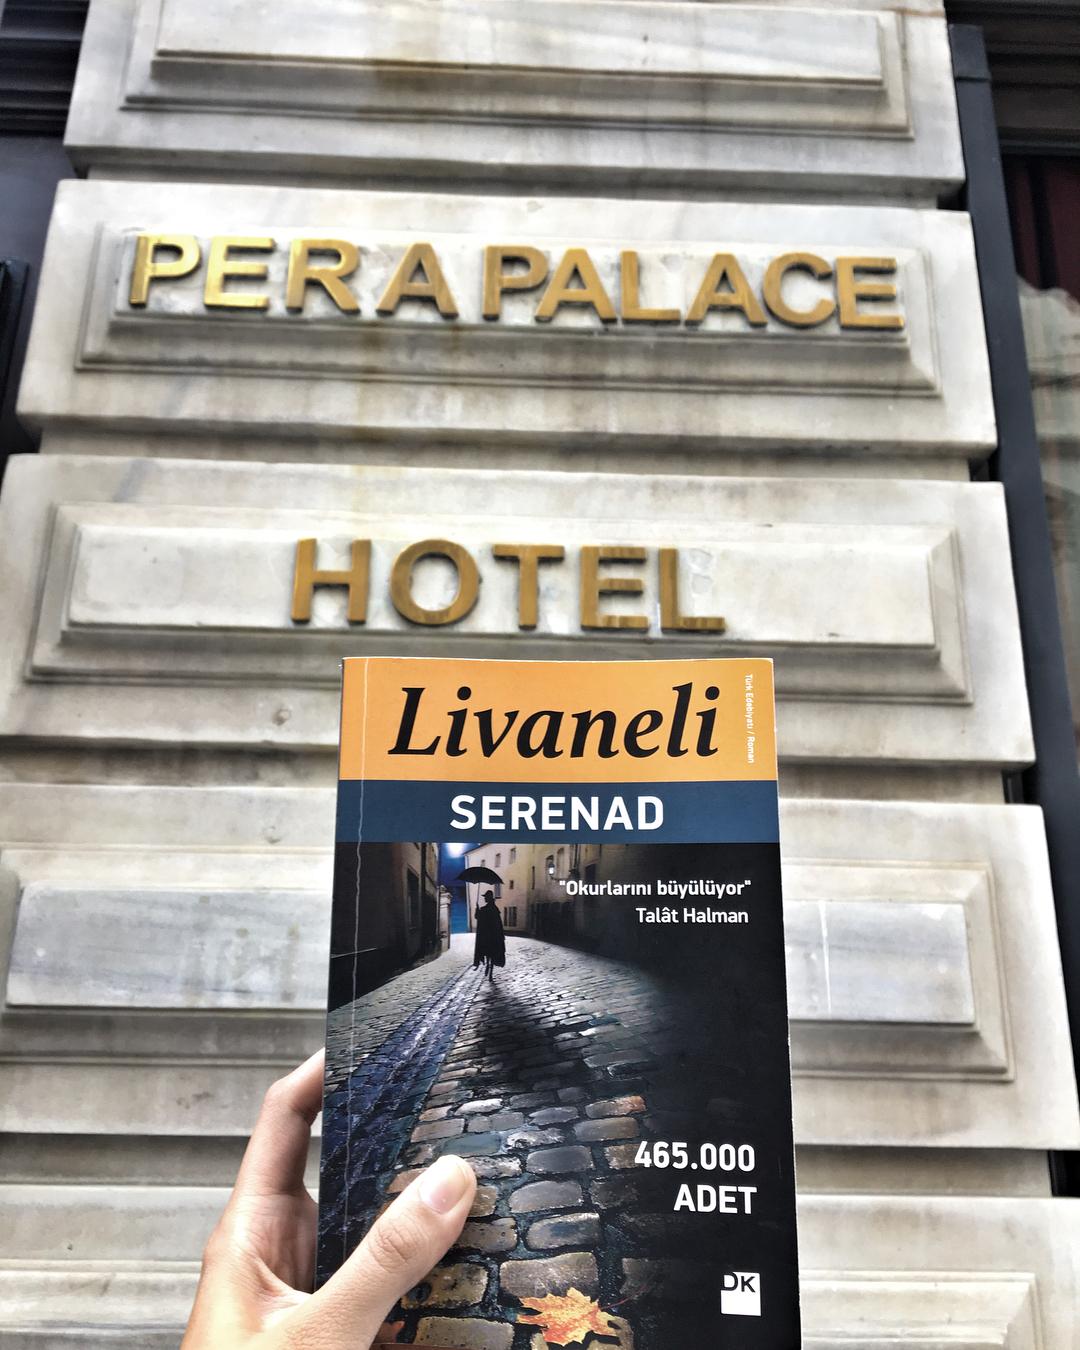 Öncelikle şunu söylemeliyim ki romana İstanbul'da ev sahipliği yapan önemli mekanlardan biri tarihi Pera Palas Otel olduğu için ki